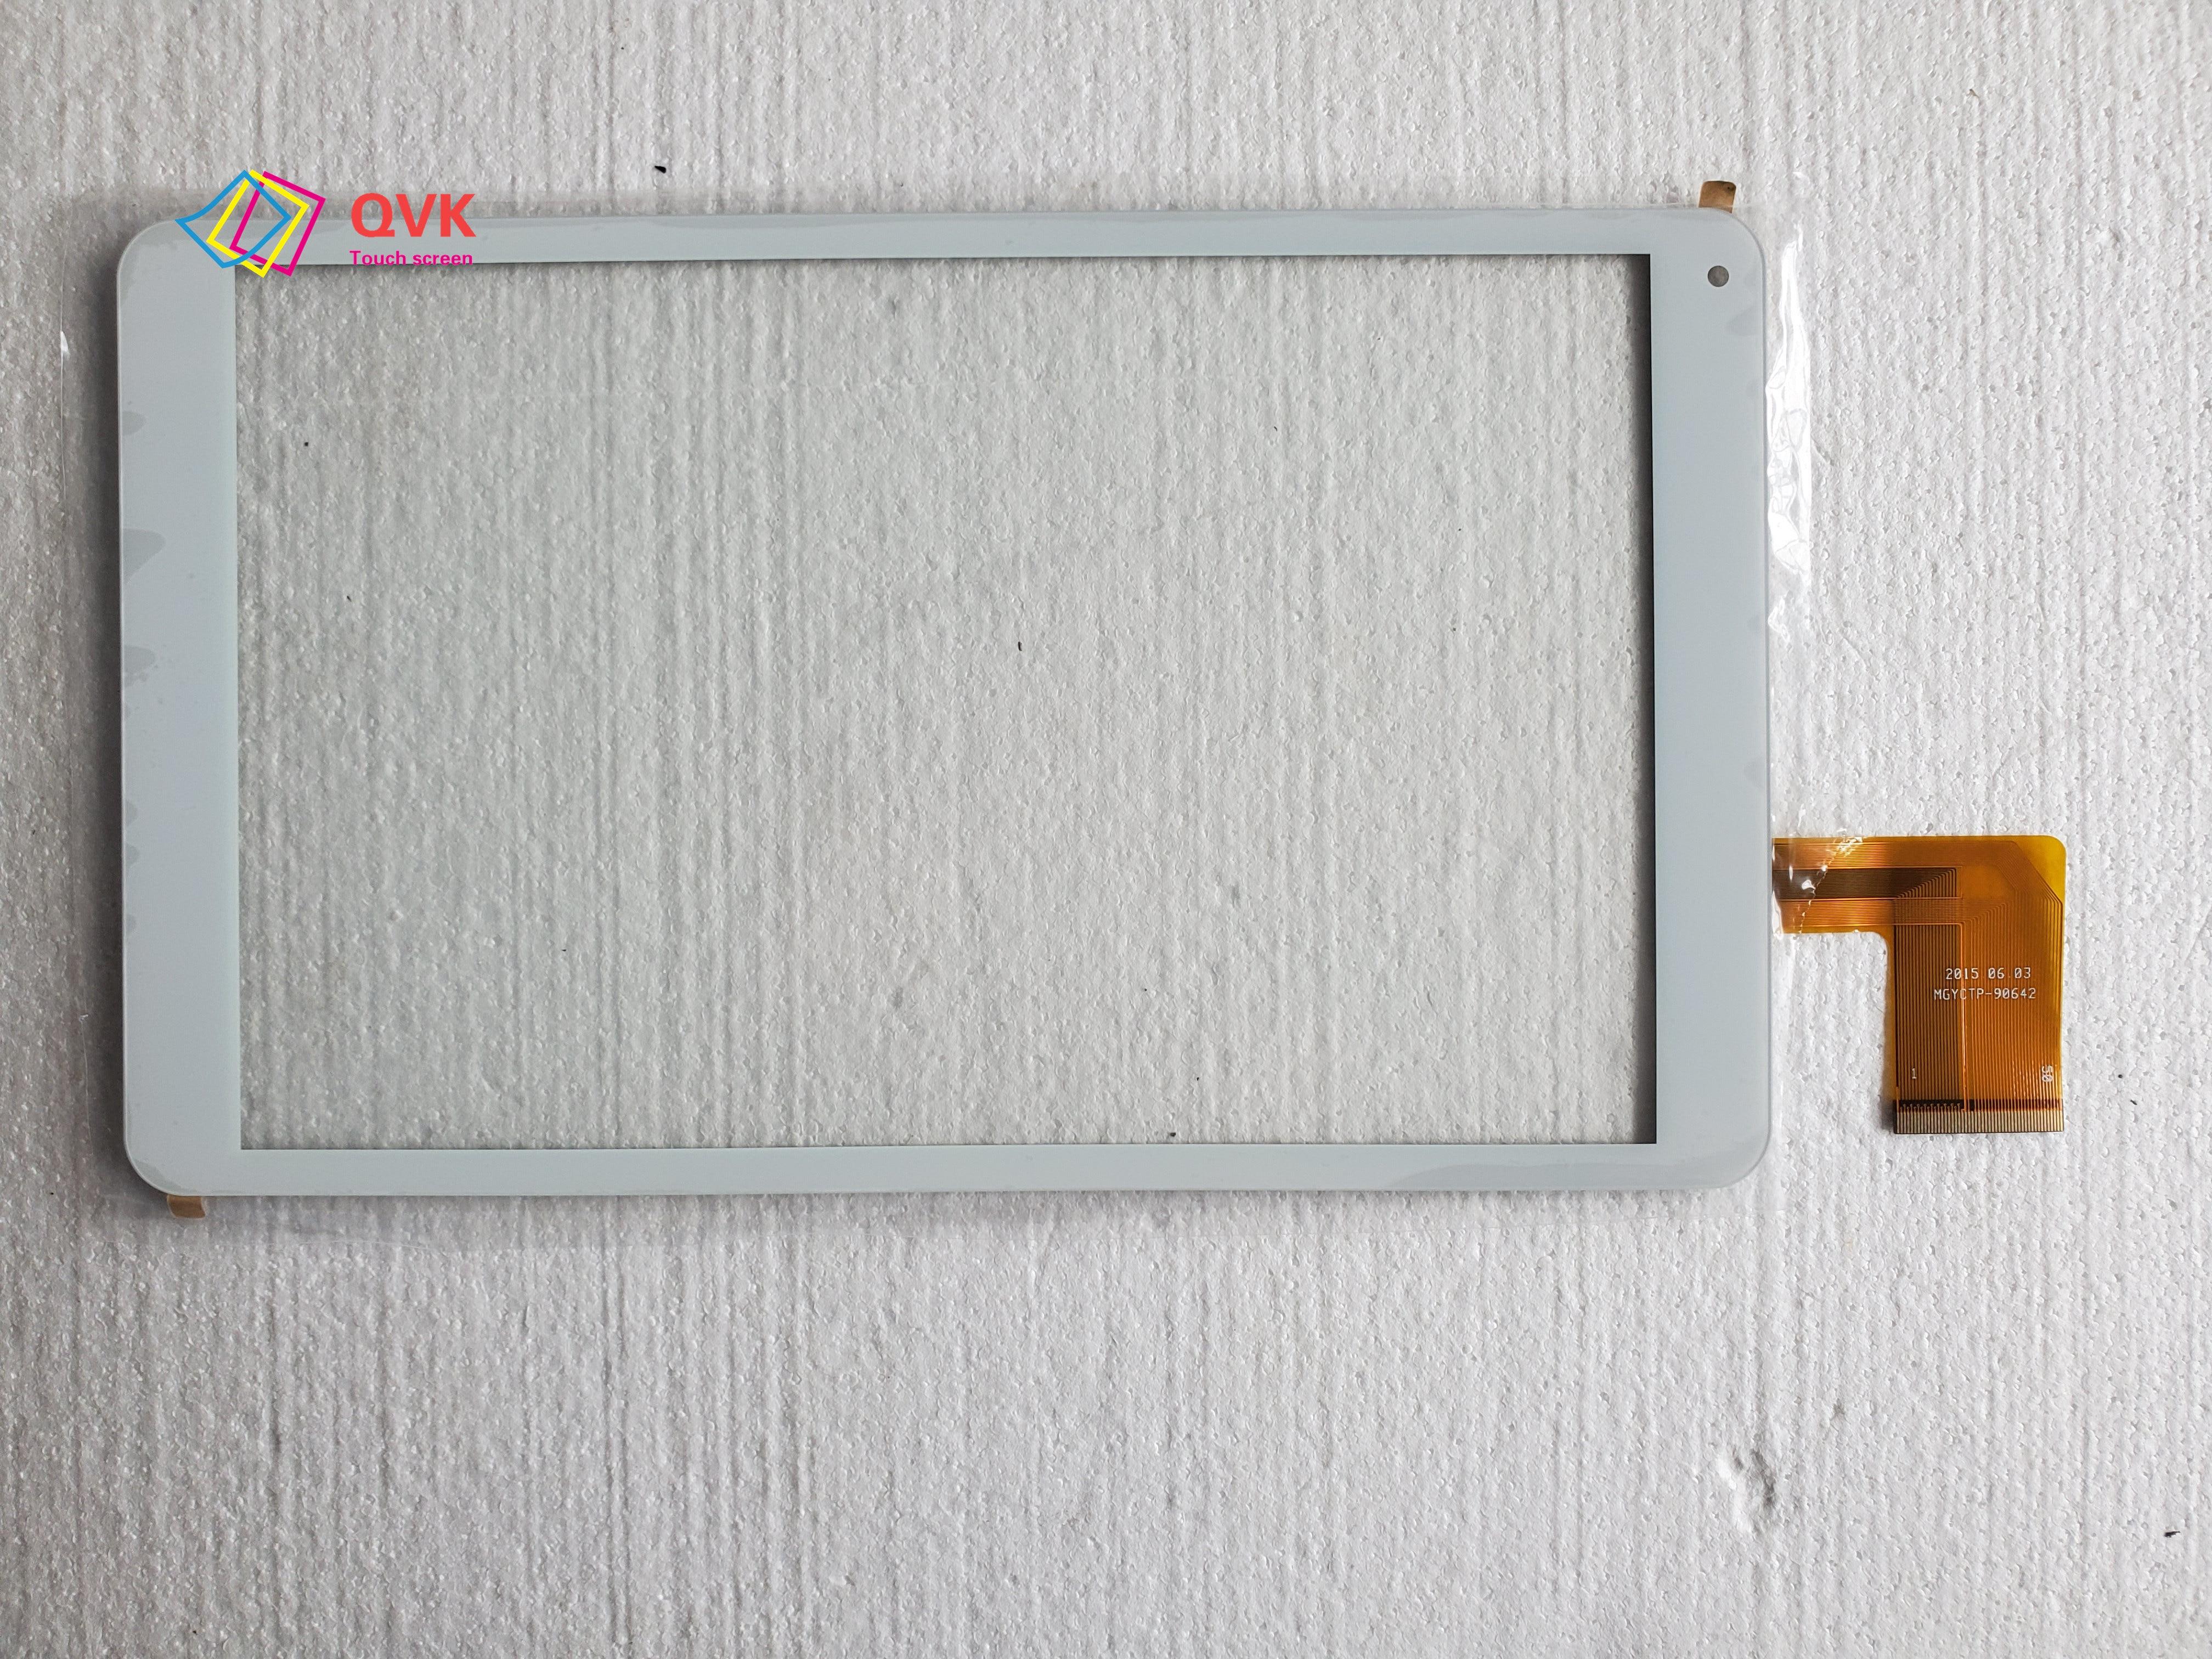 Белый сенсорный экран P/N MGYCTP-90642 емкостная сенсорная панель запасные части